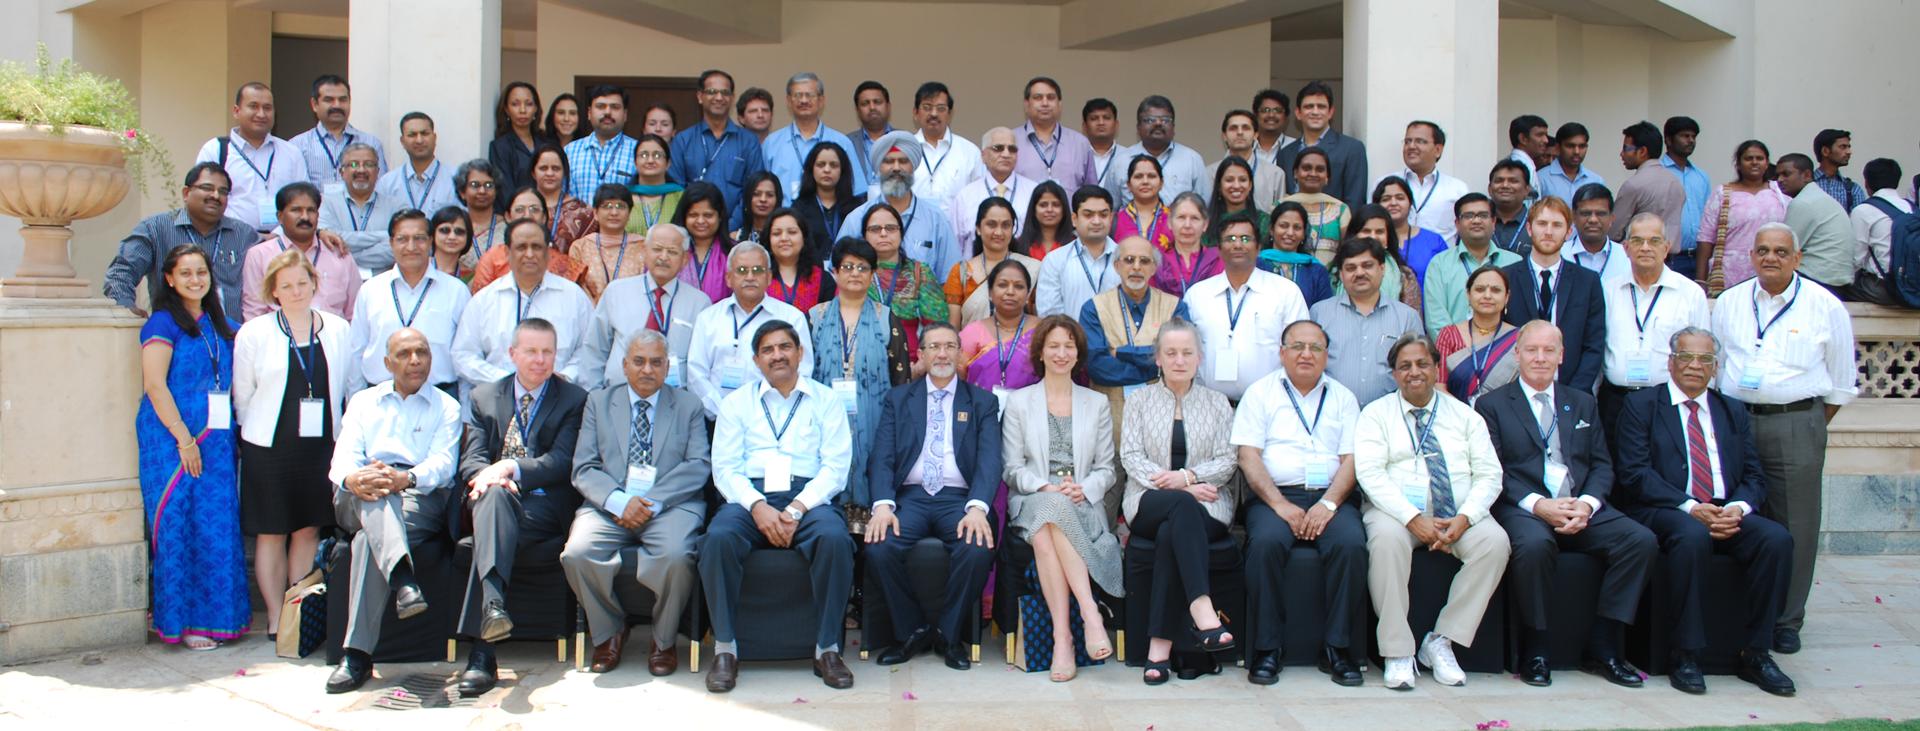 DR-Study-Group-photo-Dt.12.04.2014-at-TAJ-KRISHNA-1920w